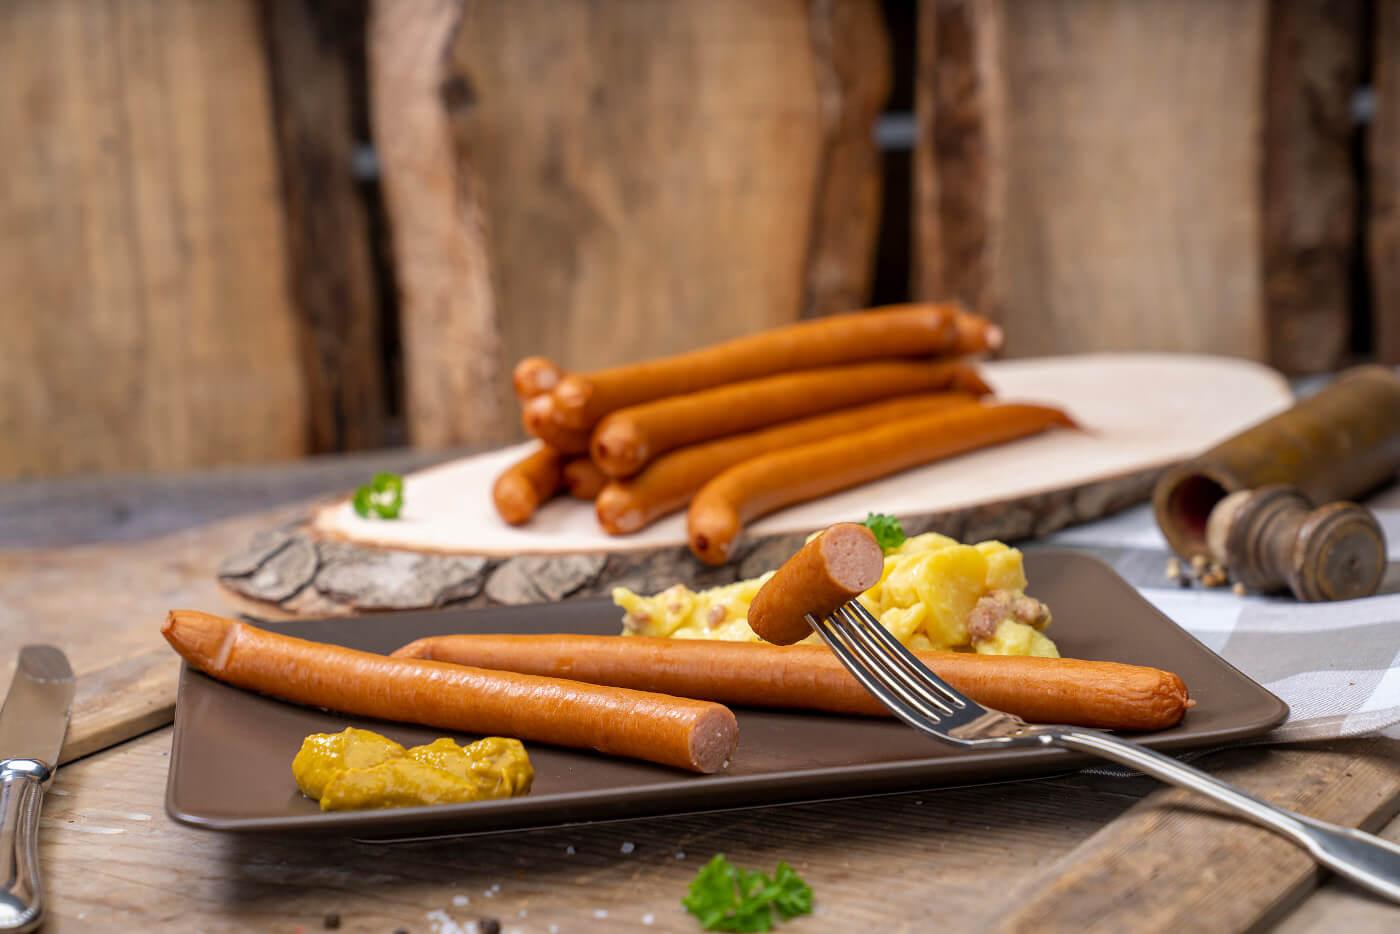 Zwei Wienerwürstchen, Kartoffelsalat und Senf. Hinten weitere Wiener der Fleischerei Fessel.